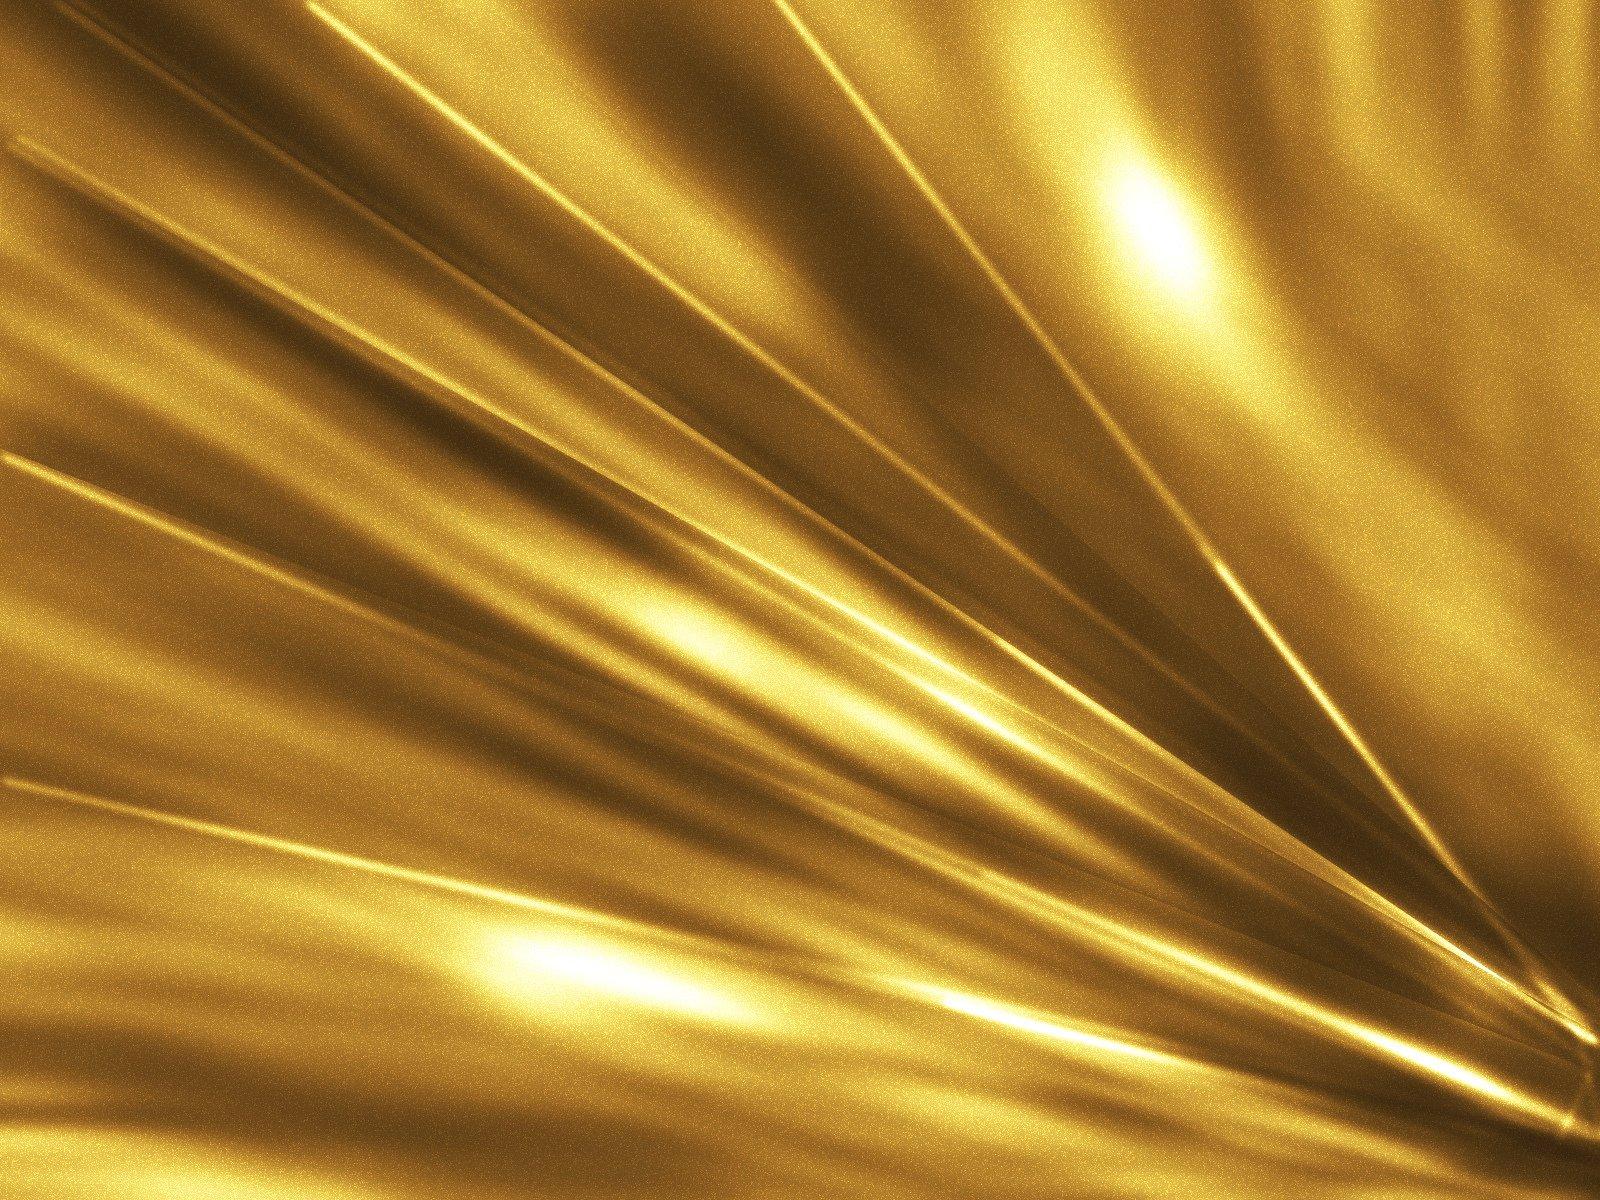 Gold wallpaper 2 1600x1200